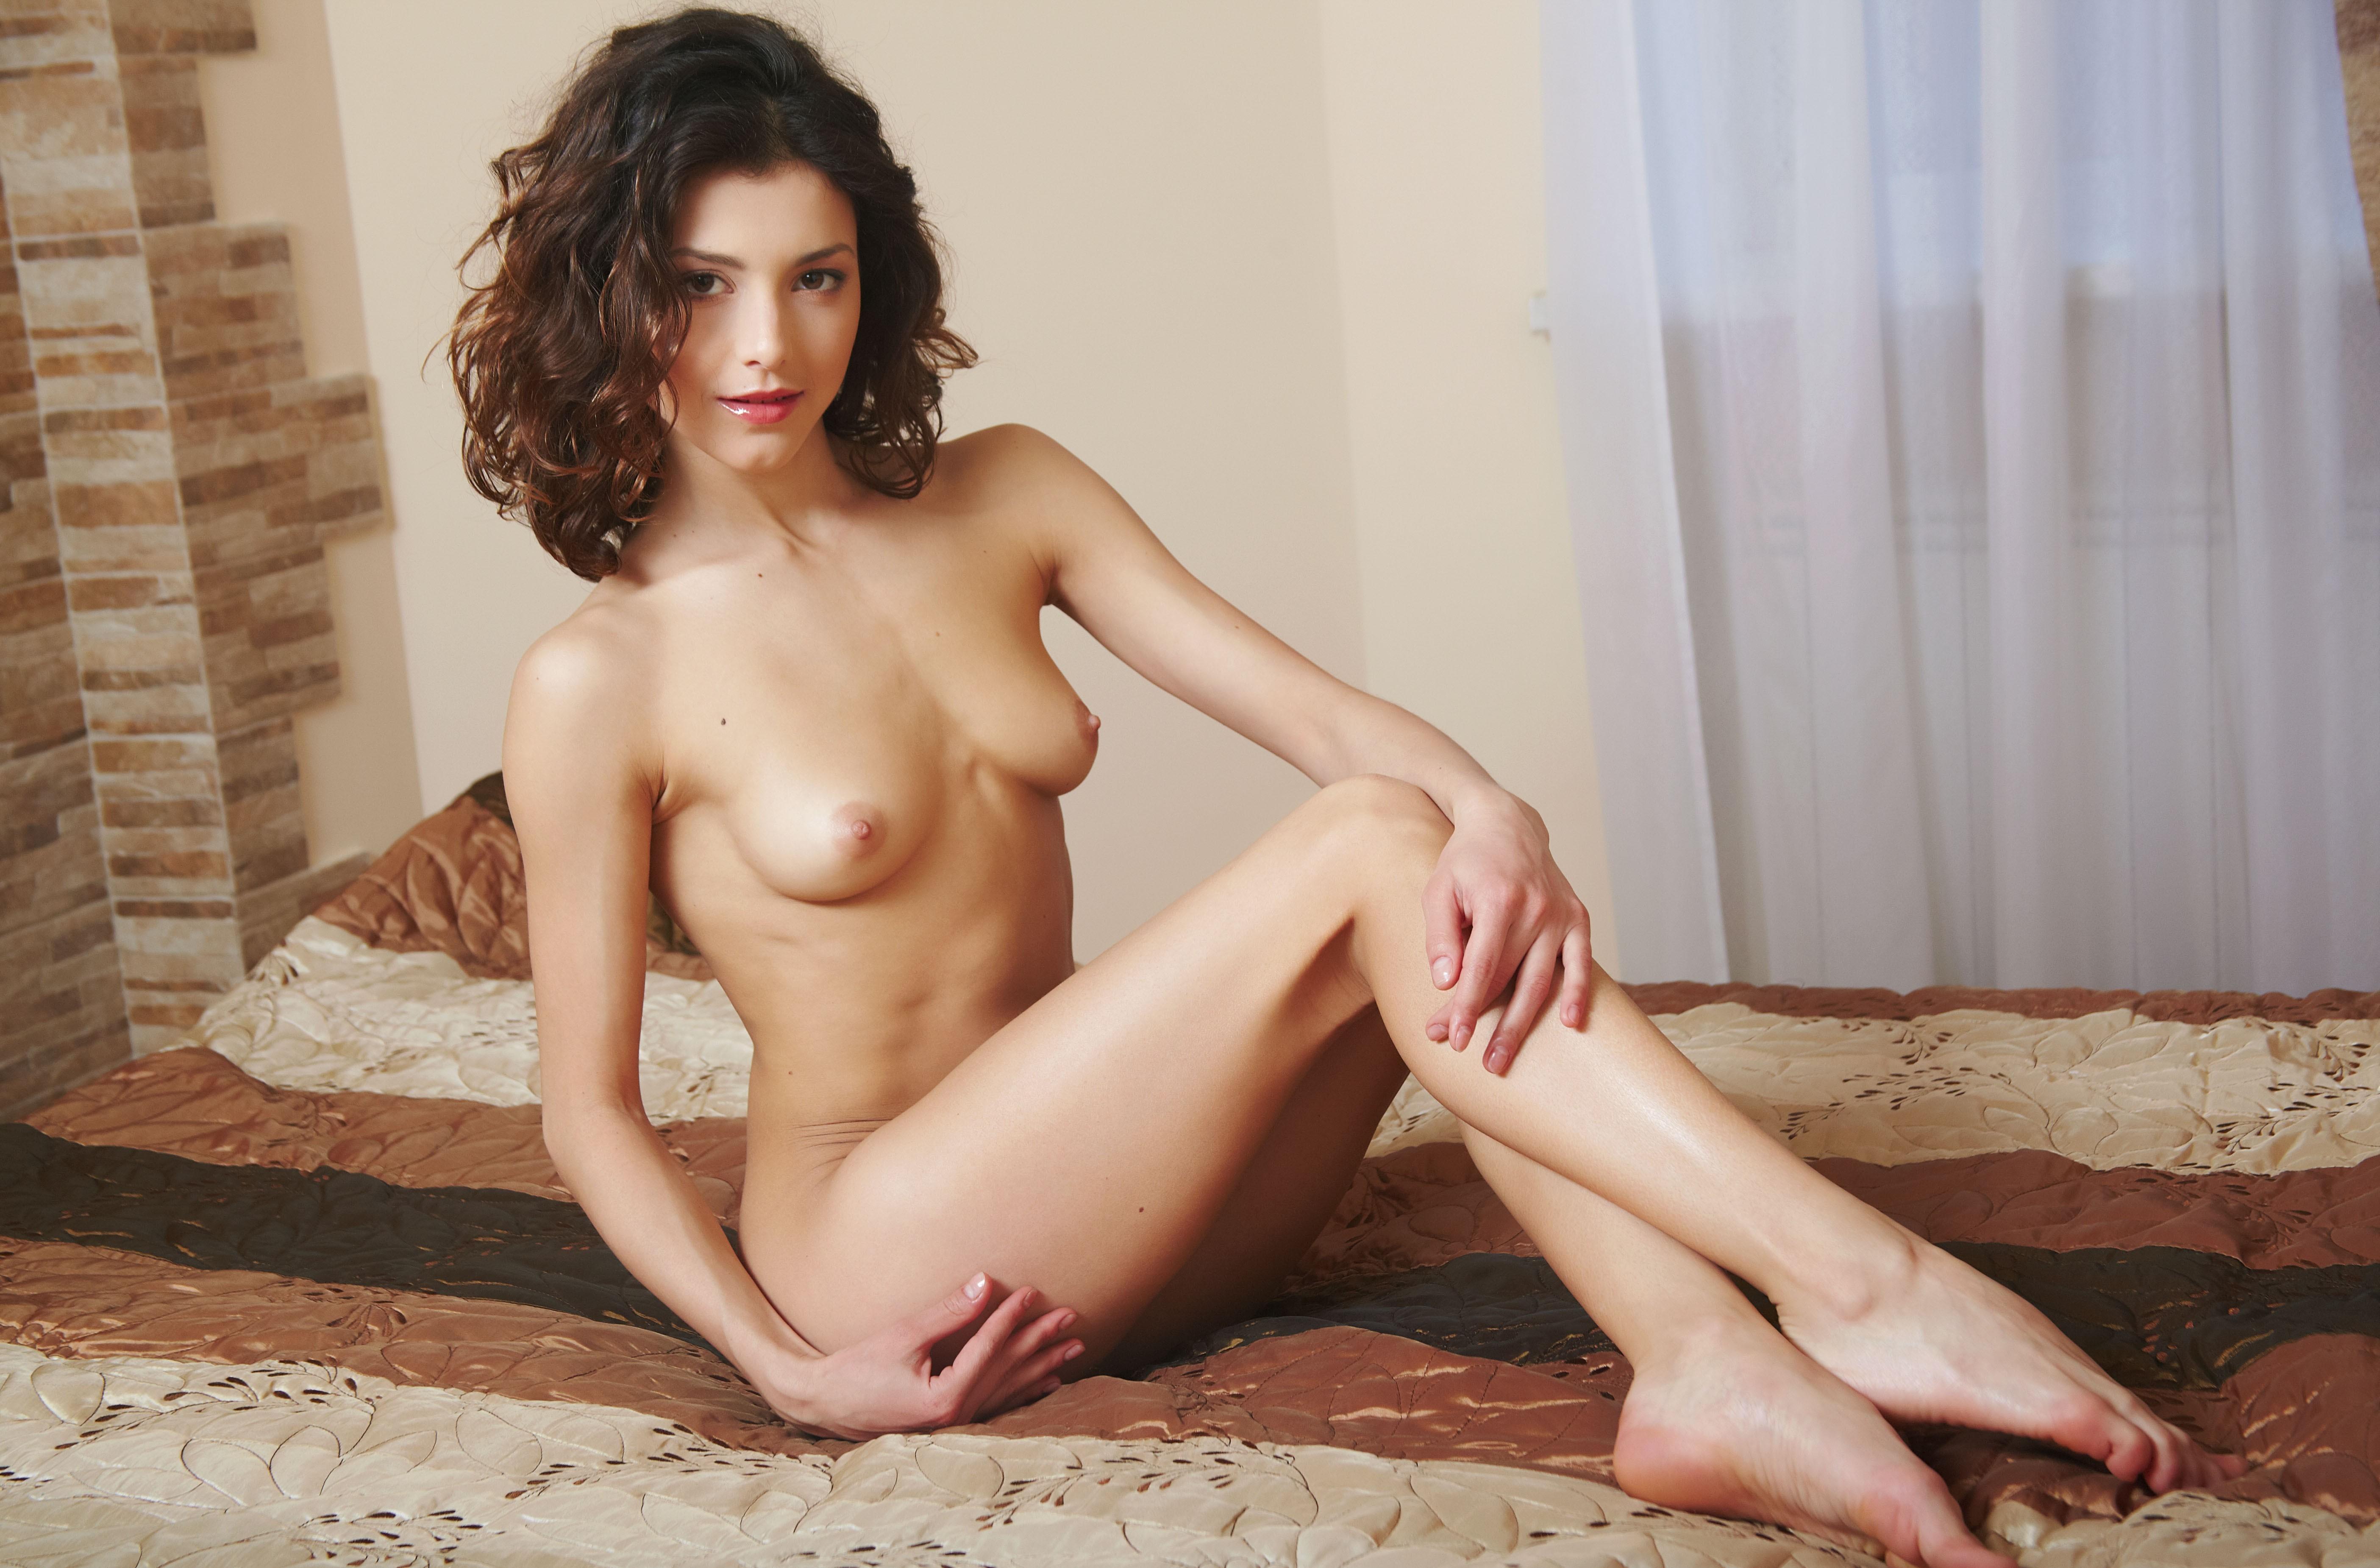 Фото голой проститутки красивой 3 фотография